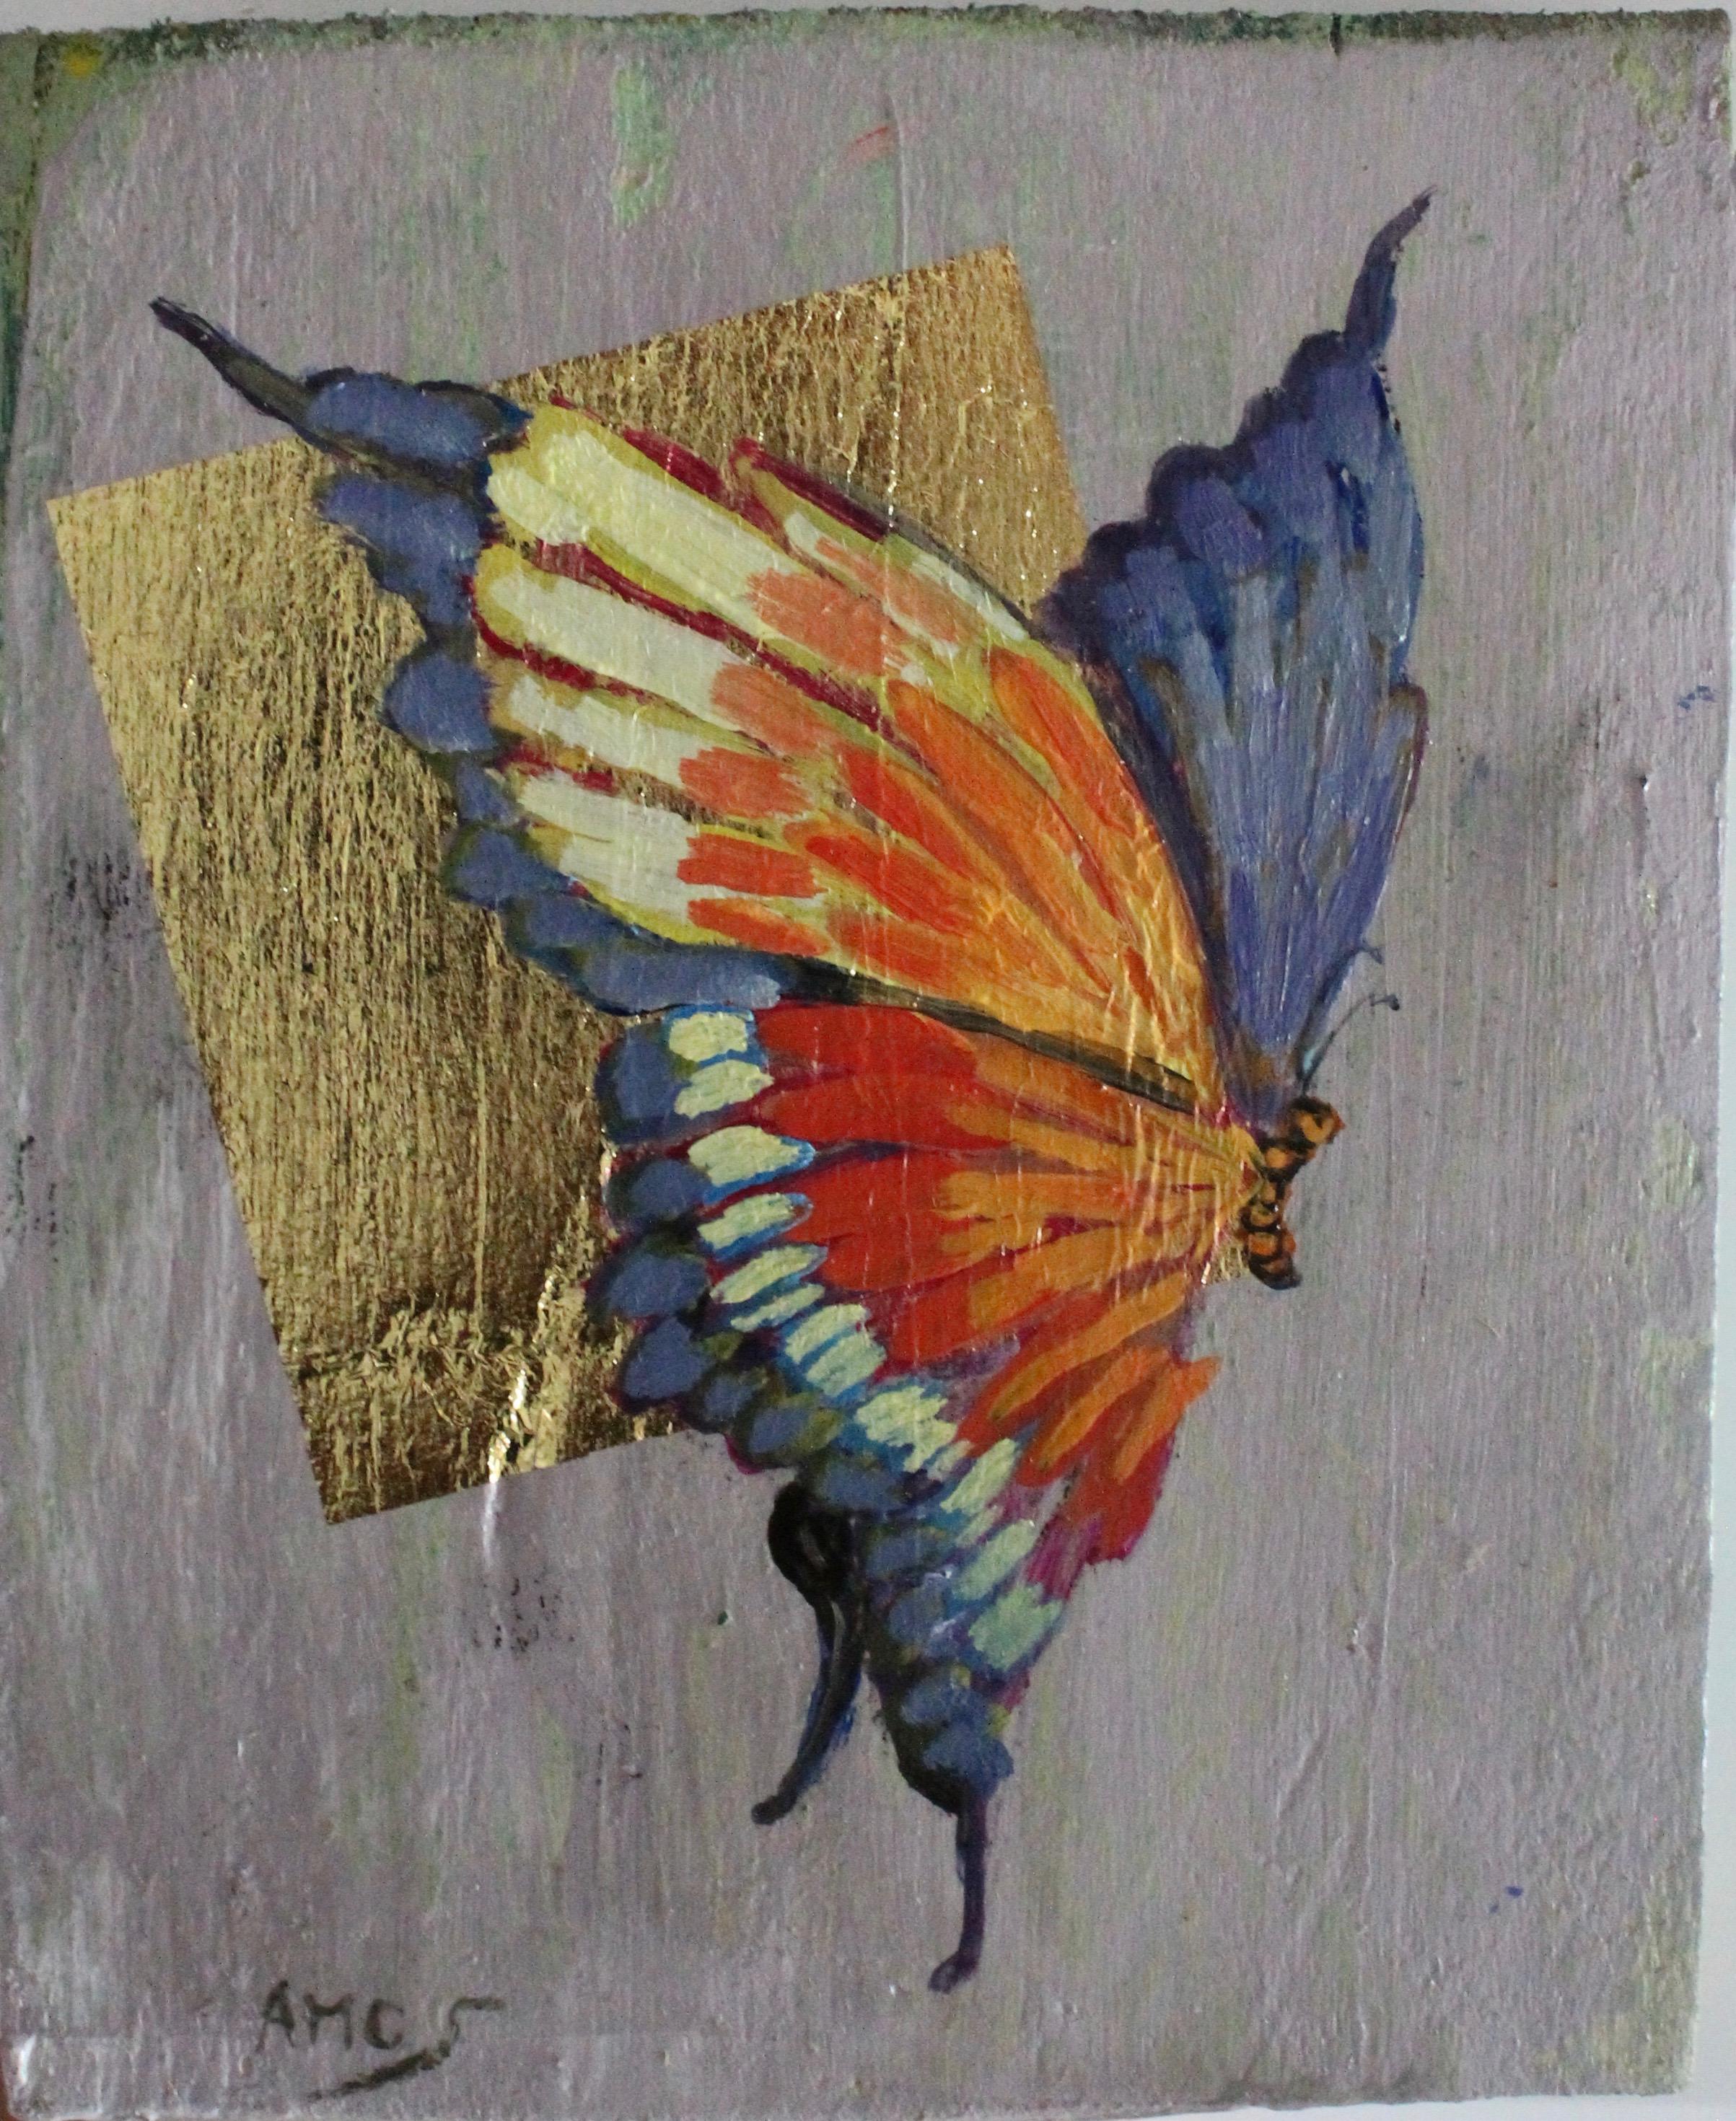 Farfalla.Collezione Privata